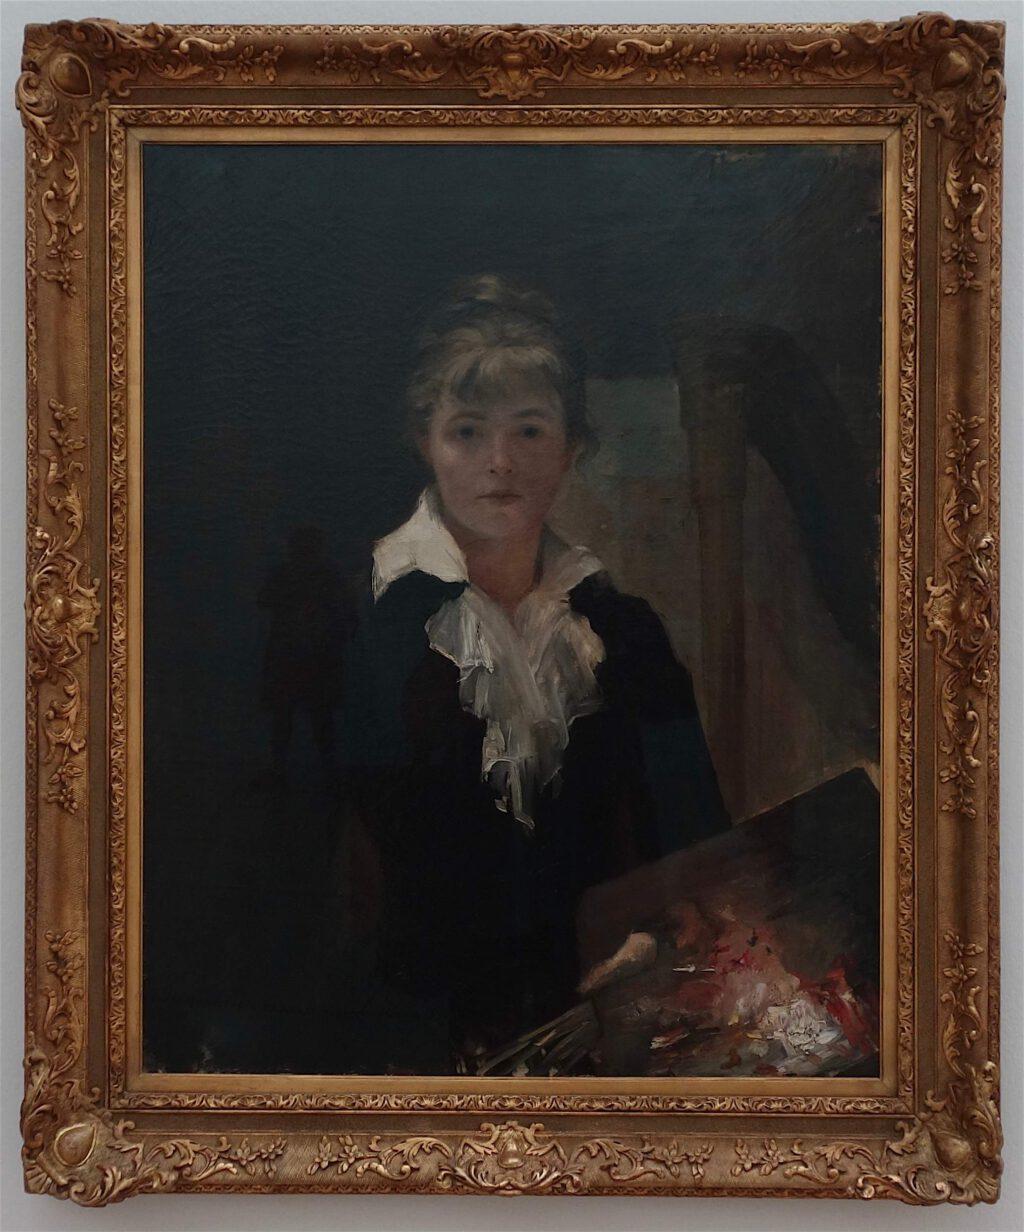 """Marie Bashkirtseff """"Autoportrait à la palette"""" Oil on canvas, ca. 1883 (Musée des Beaux-Arts Jules Chéret – Ville de Nice)"""